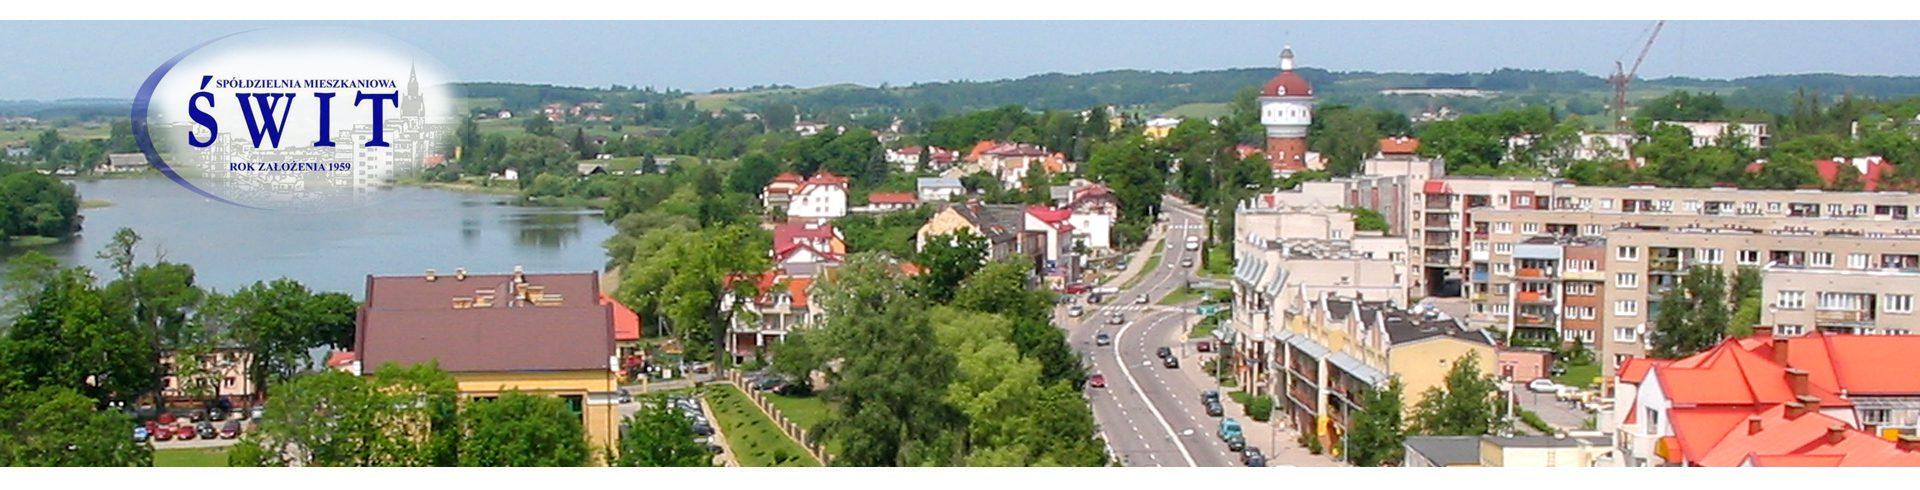 """Spółdzielnia Mieszkaniowa """"Świt"""" w Ełku"""